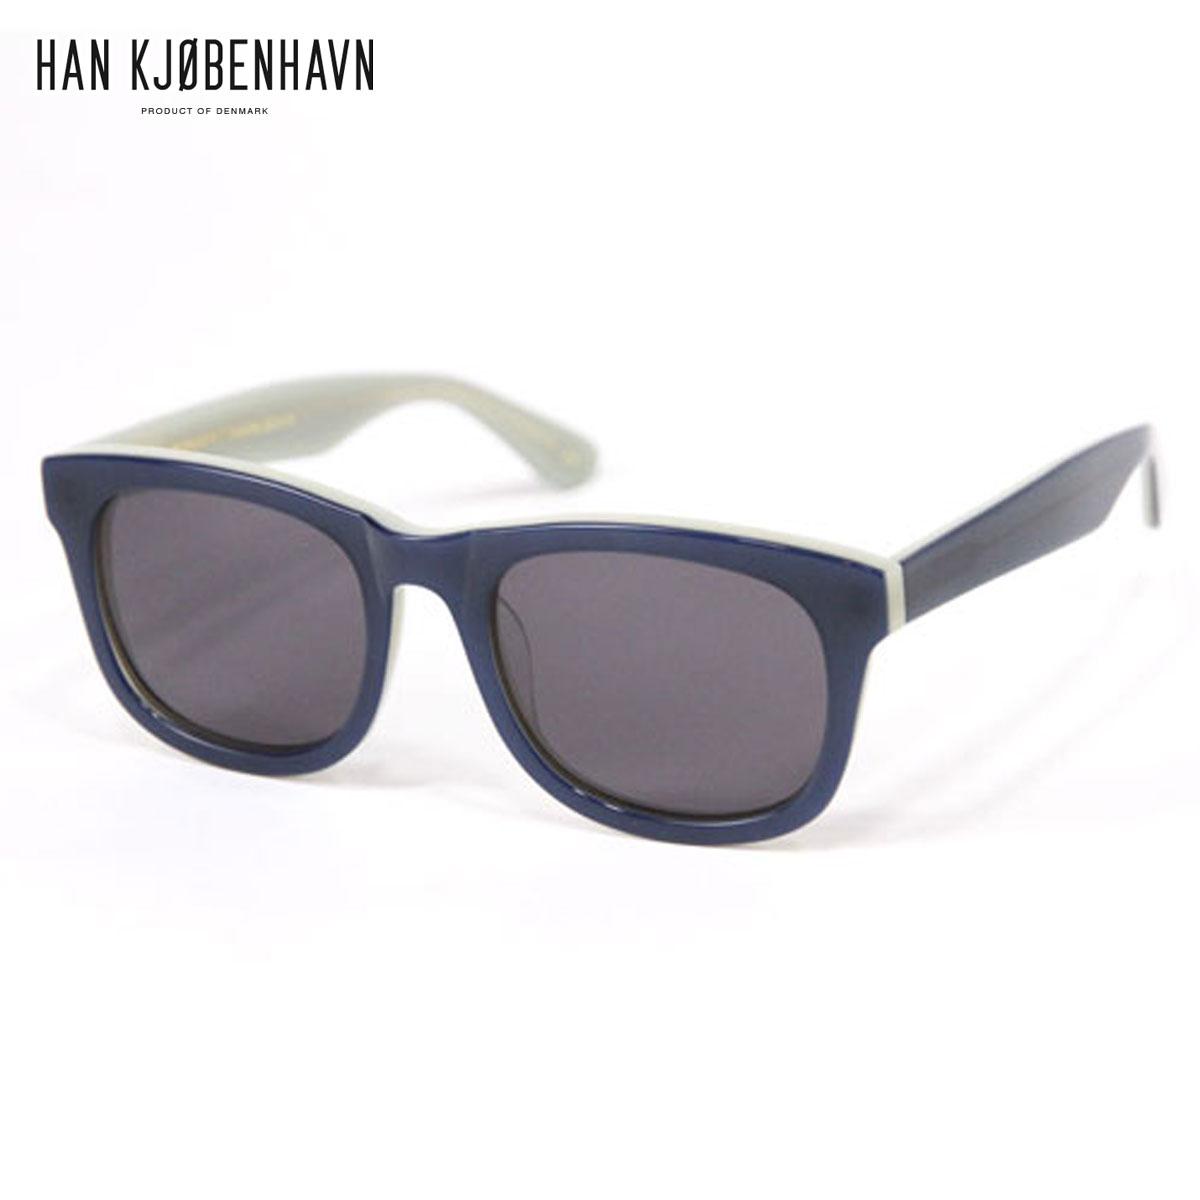 【販売期間 11/3 20:00~11/12 09:59】 ハン HAN KJOBENHAVN 正規販売店 サングラス WOLFGANG Amber Tortoise - BLUE/WHITE D15S25